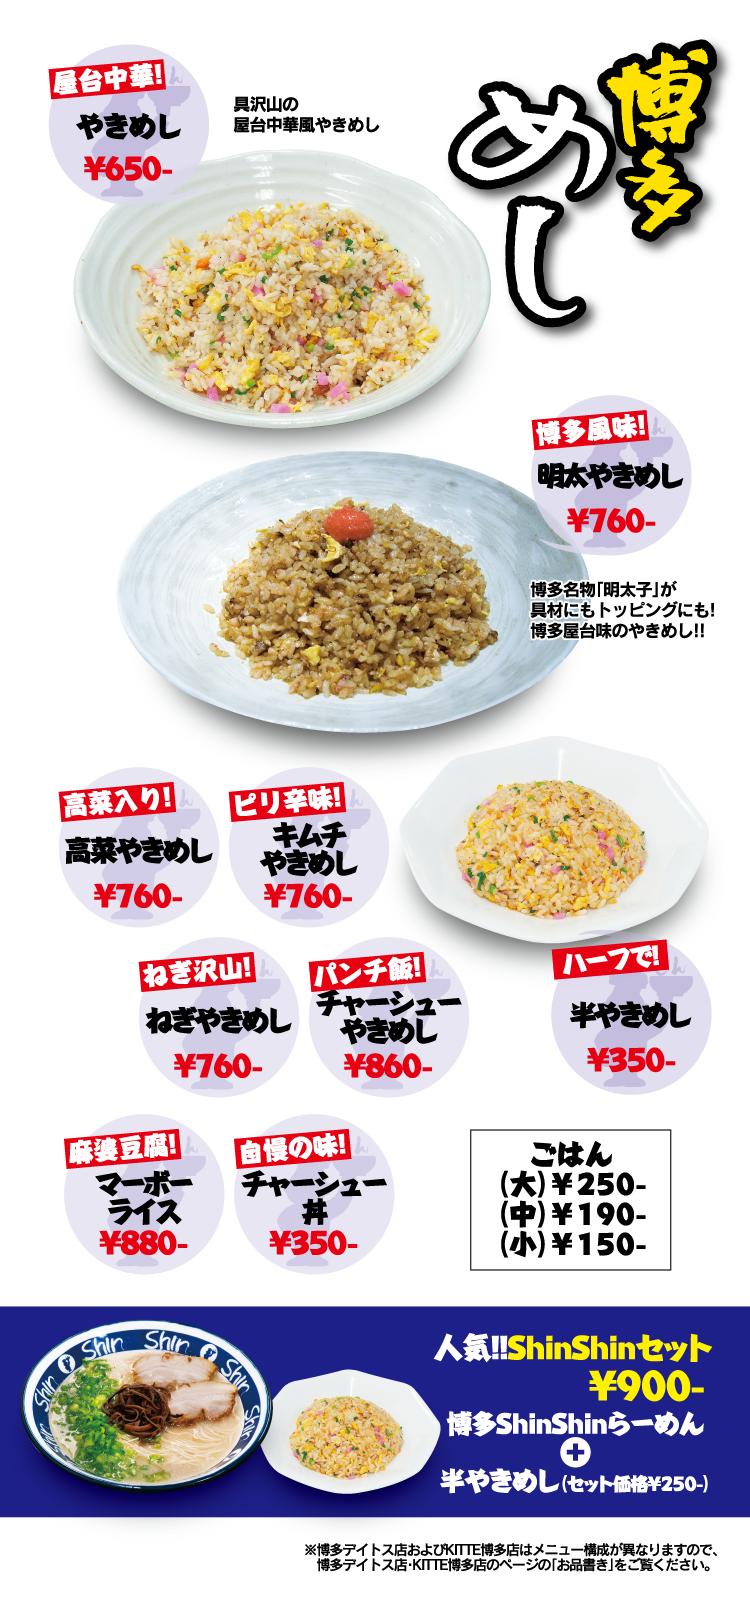 博多めし(やきめし・マーボーライス・チャーシュー丼)